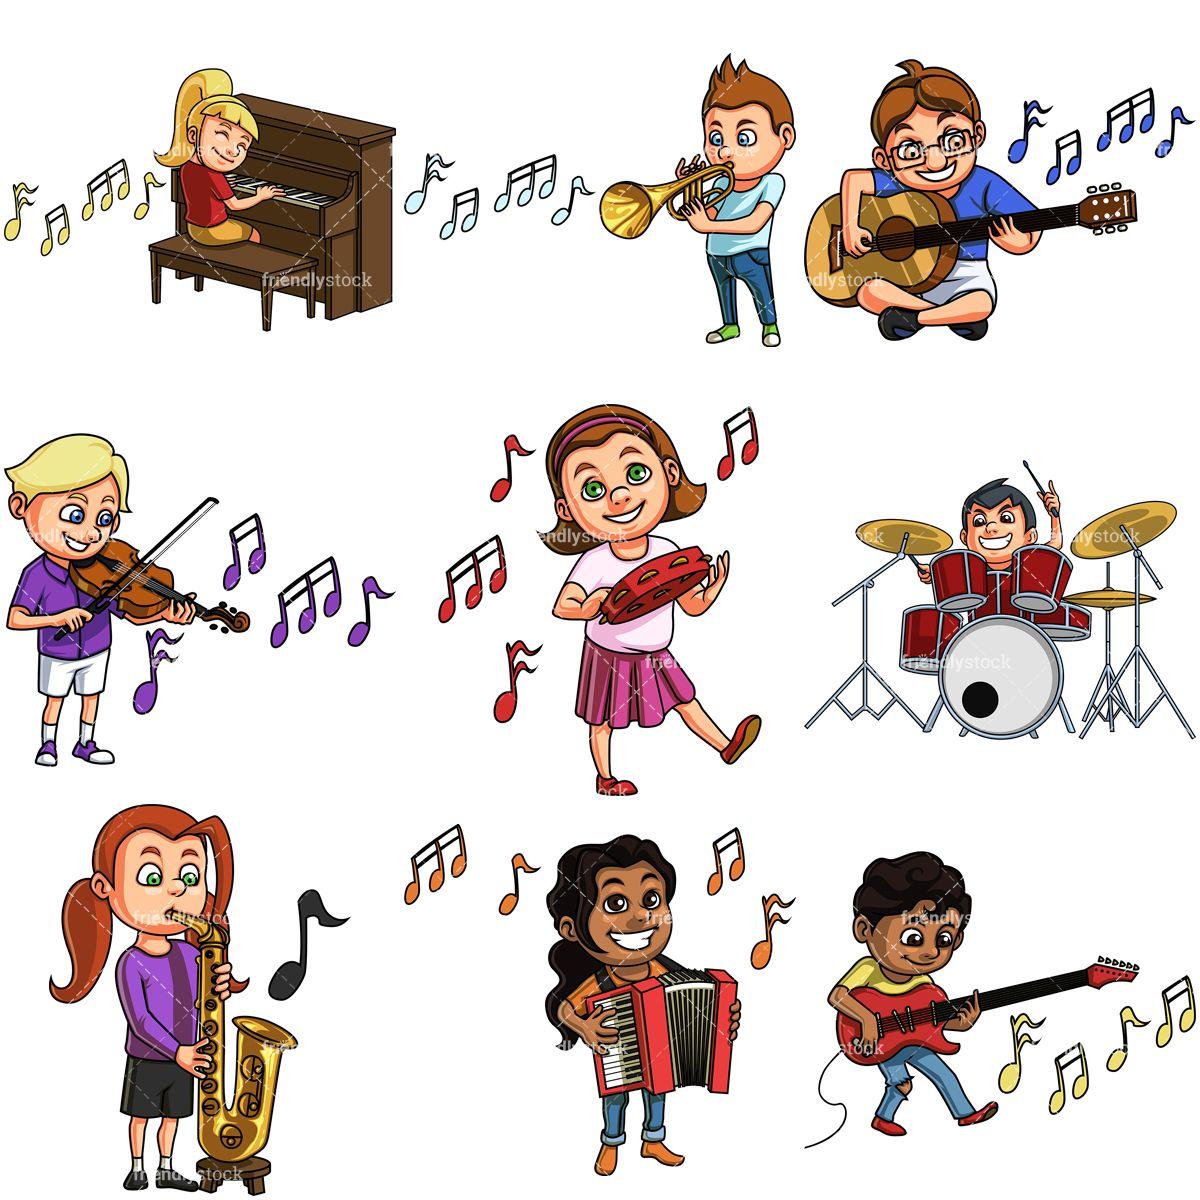 Kids Playing Musical Instruments Cartoon Clipart Vector Friendlystock Cartoon Clip Art Kids Playing Music Cartoon